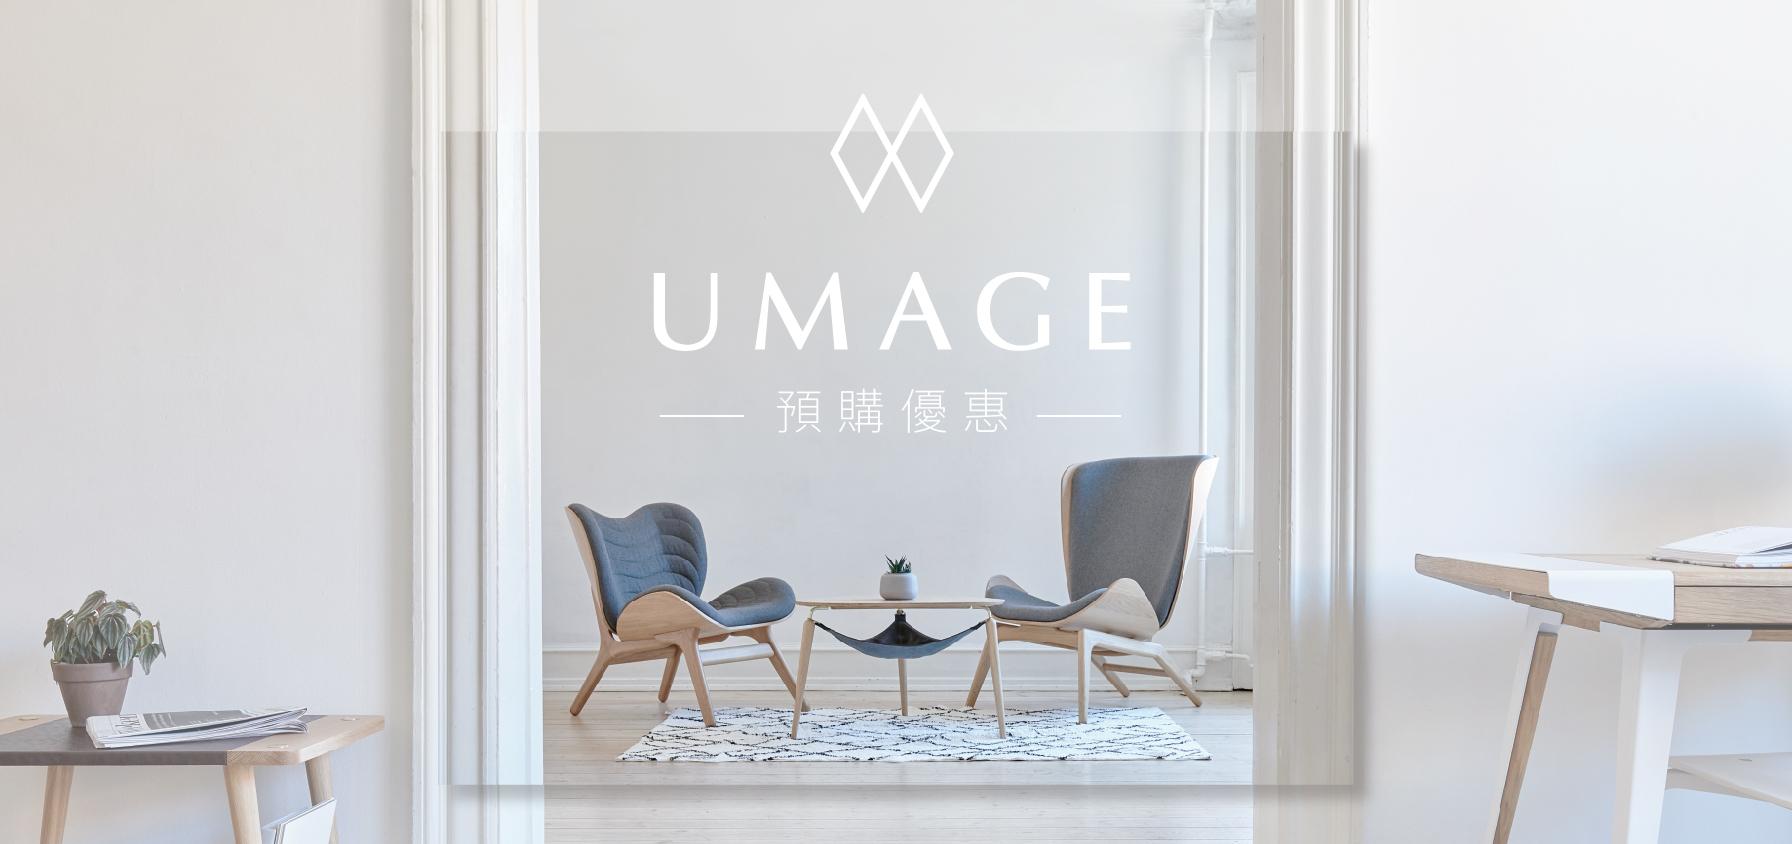 UMAGE預購早鳥優惠